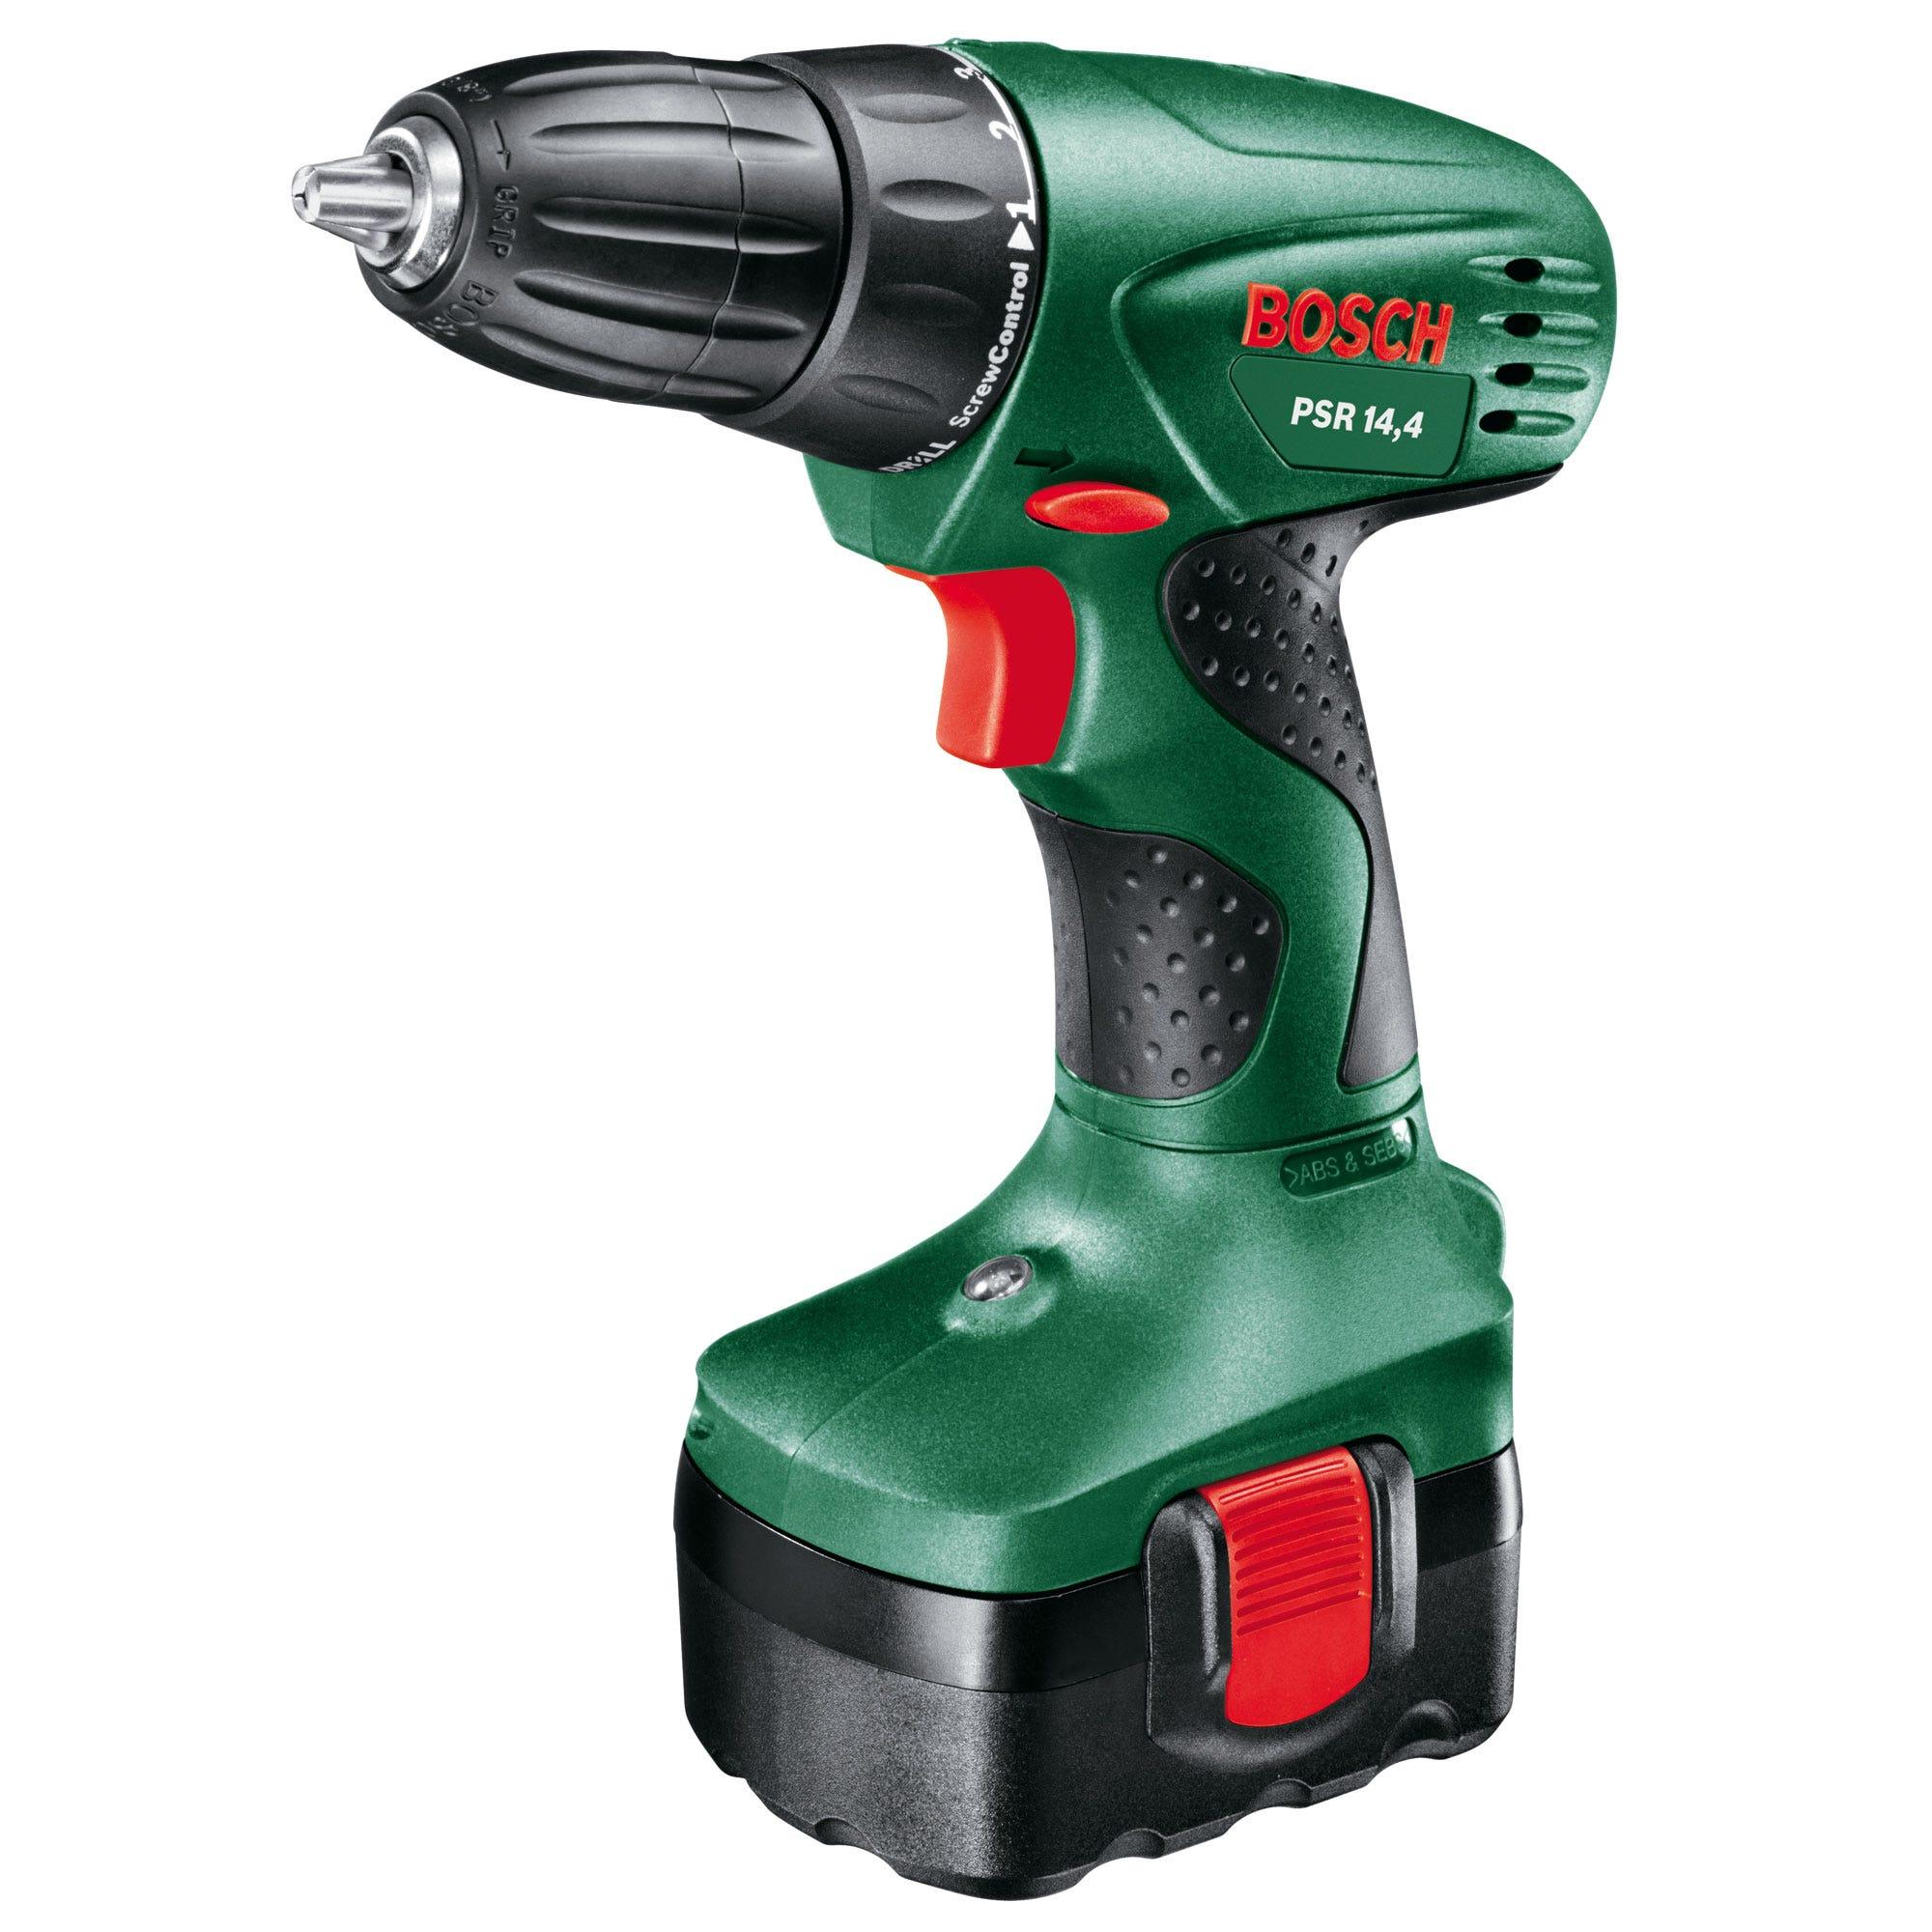 Bosch PSR 14.4v Cordless Drill Driver